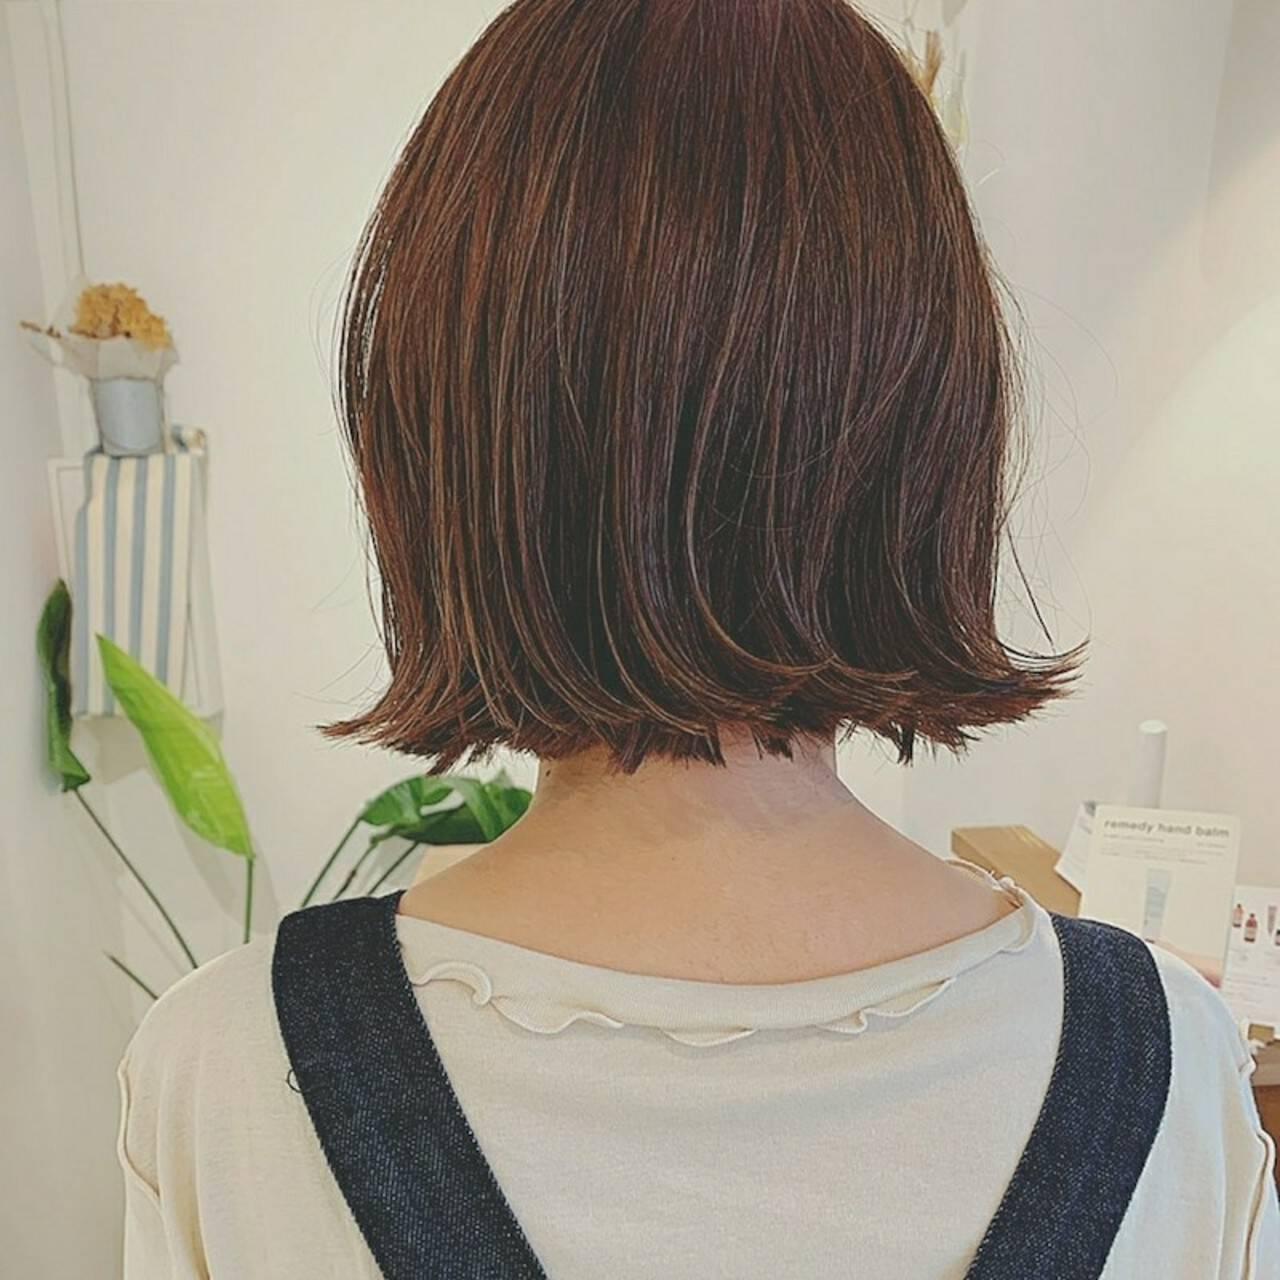 ハイライト アンニュイほつれヘア ゆるふわ ナチュラルヘアスタイルや髪型の写真・画像